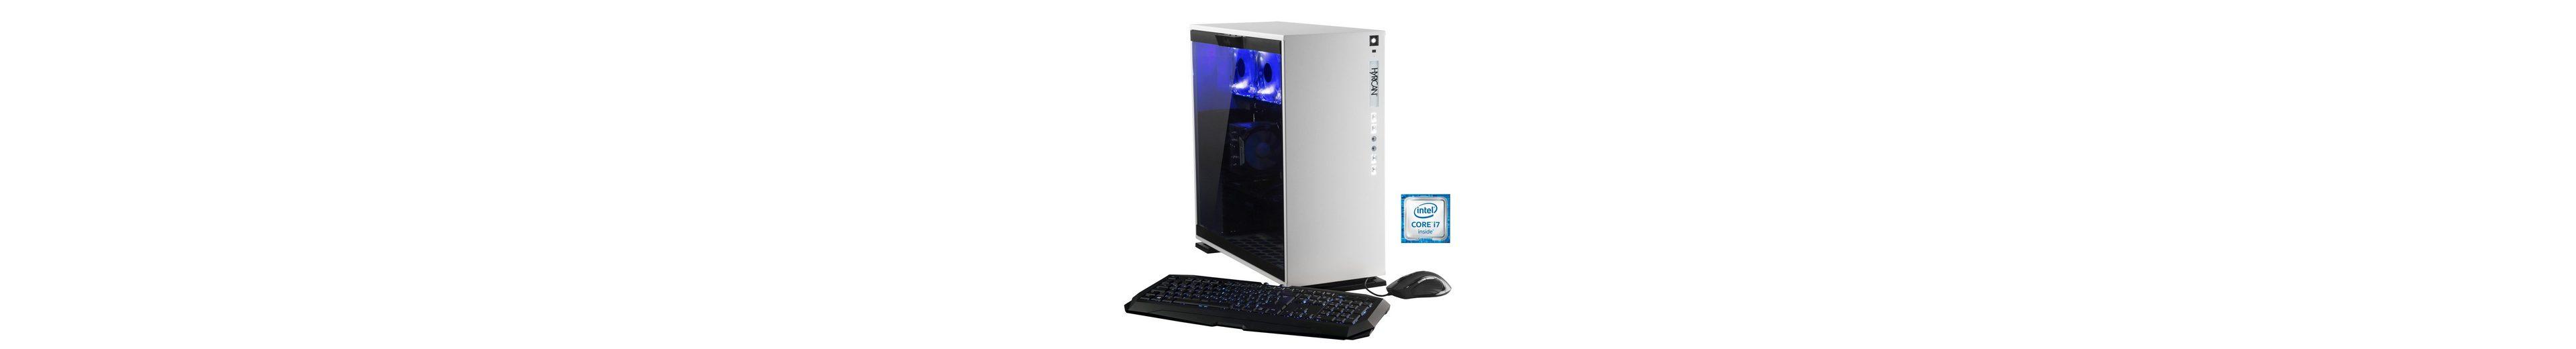 Hyrican Gaming PC Intel® i7-6700K, 32GB, 1TB, 500GB, GeForce GTX® 1080 »Elegance 5339 blanc«